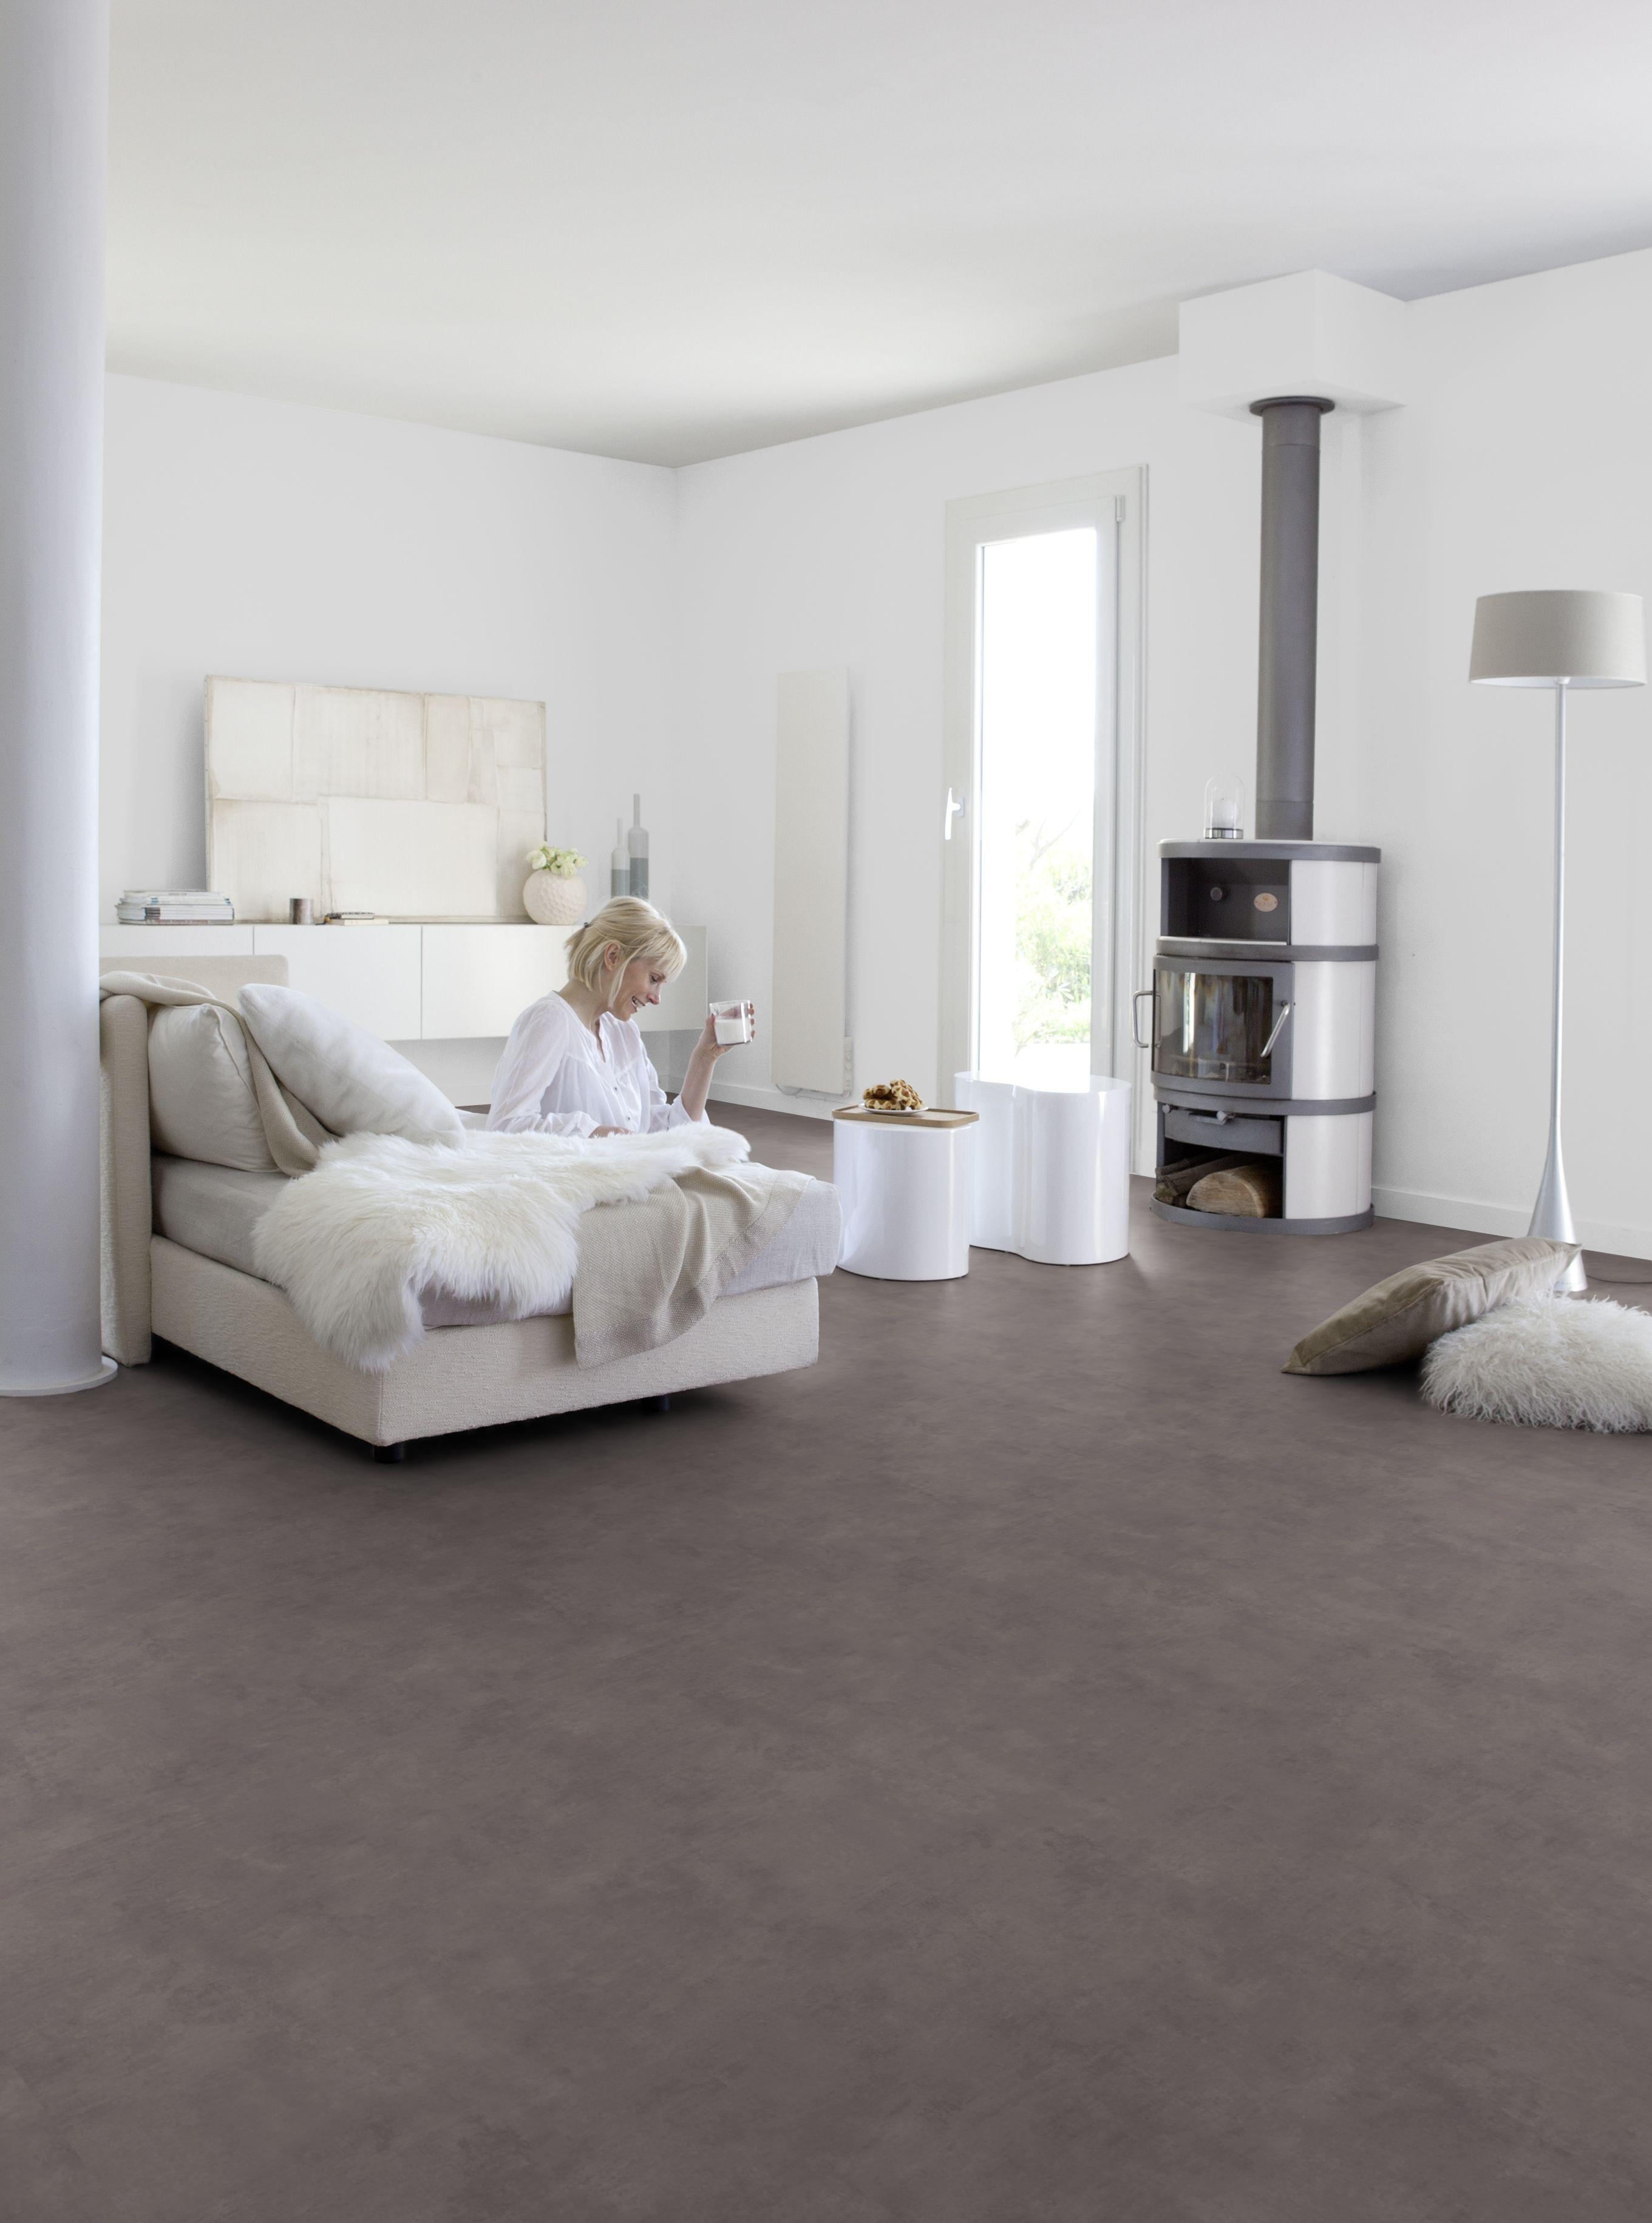 Home Comfort By Gerflor Color Madras Cloud Http Www Gerflor Com Int Floors For The Home Product Pa Dalle Pvc Revetement De Sol En Vinyle Dalle Pvc Clipsable